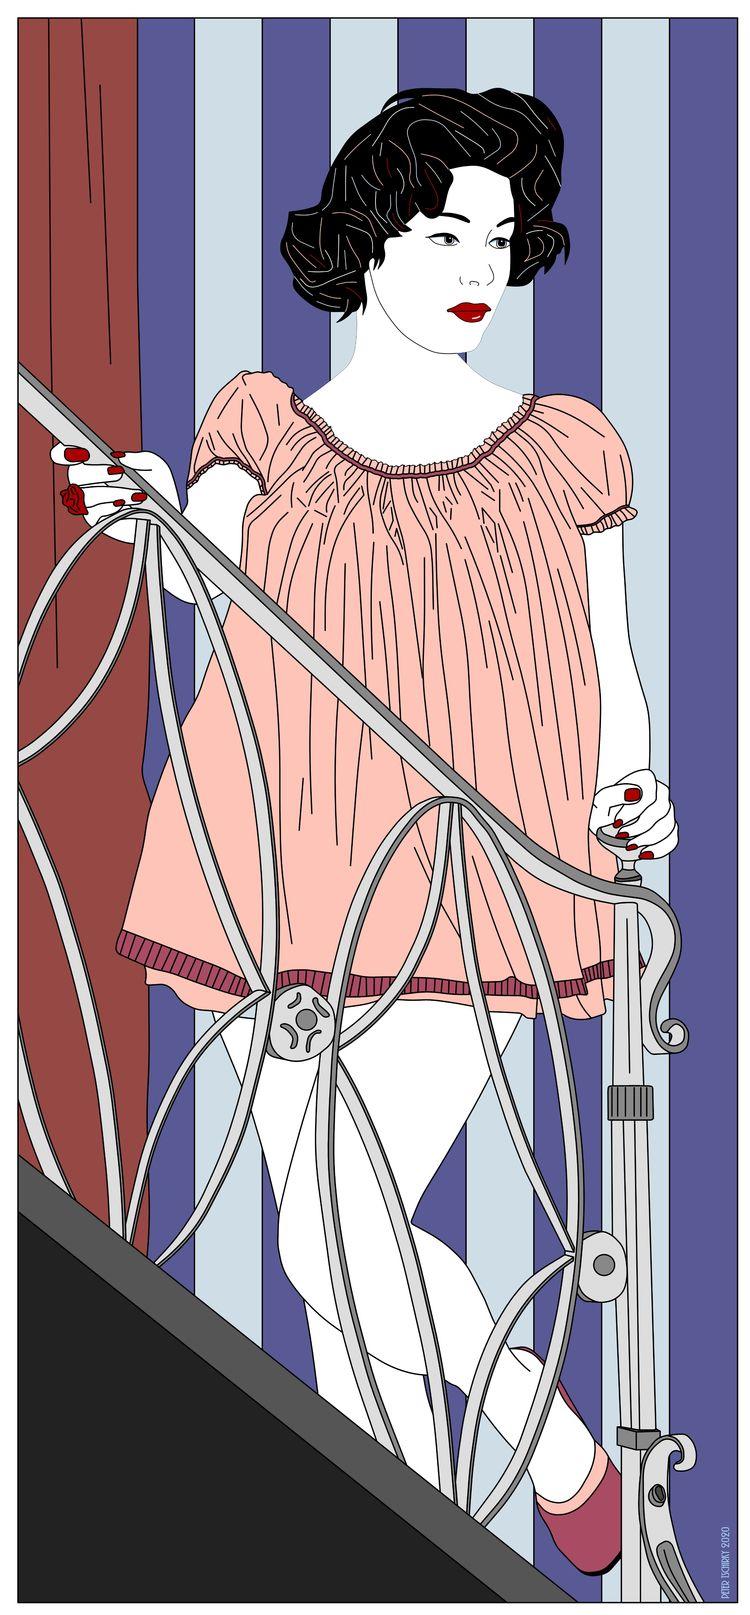 Goodnight - Pop Art Peter Tschi - pop_art | ello